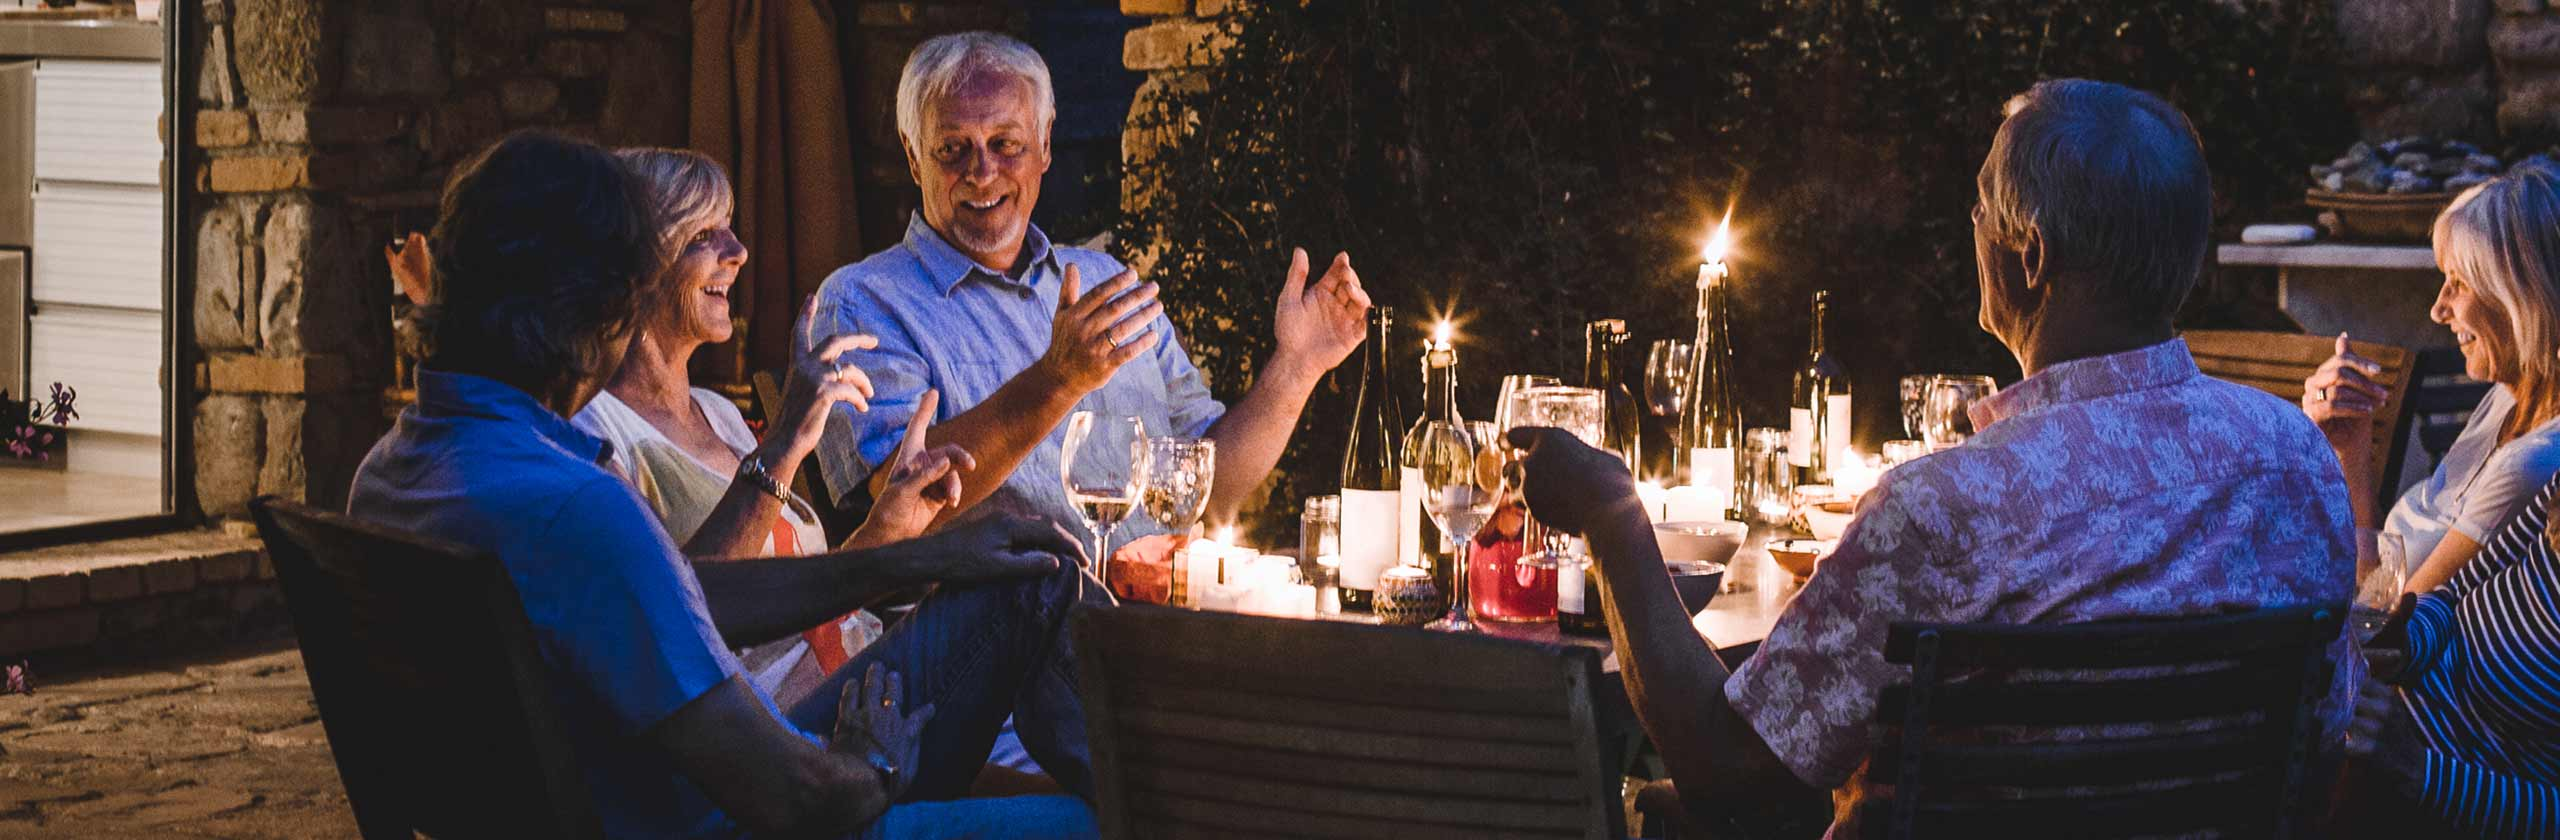 Pessoas reunidas ao redor de uma mesa de jantar ao ar livre